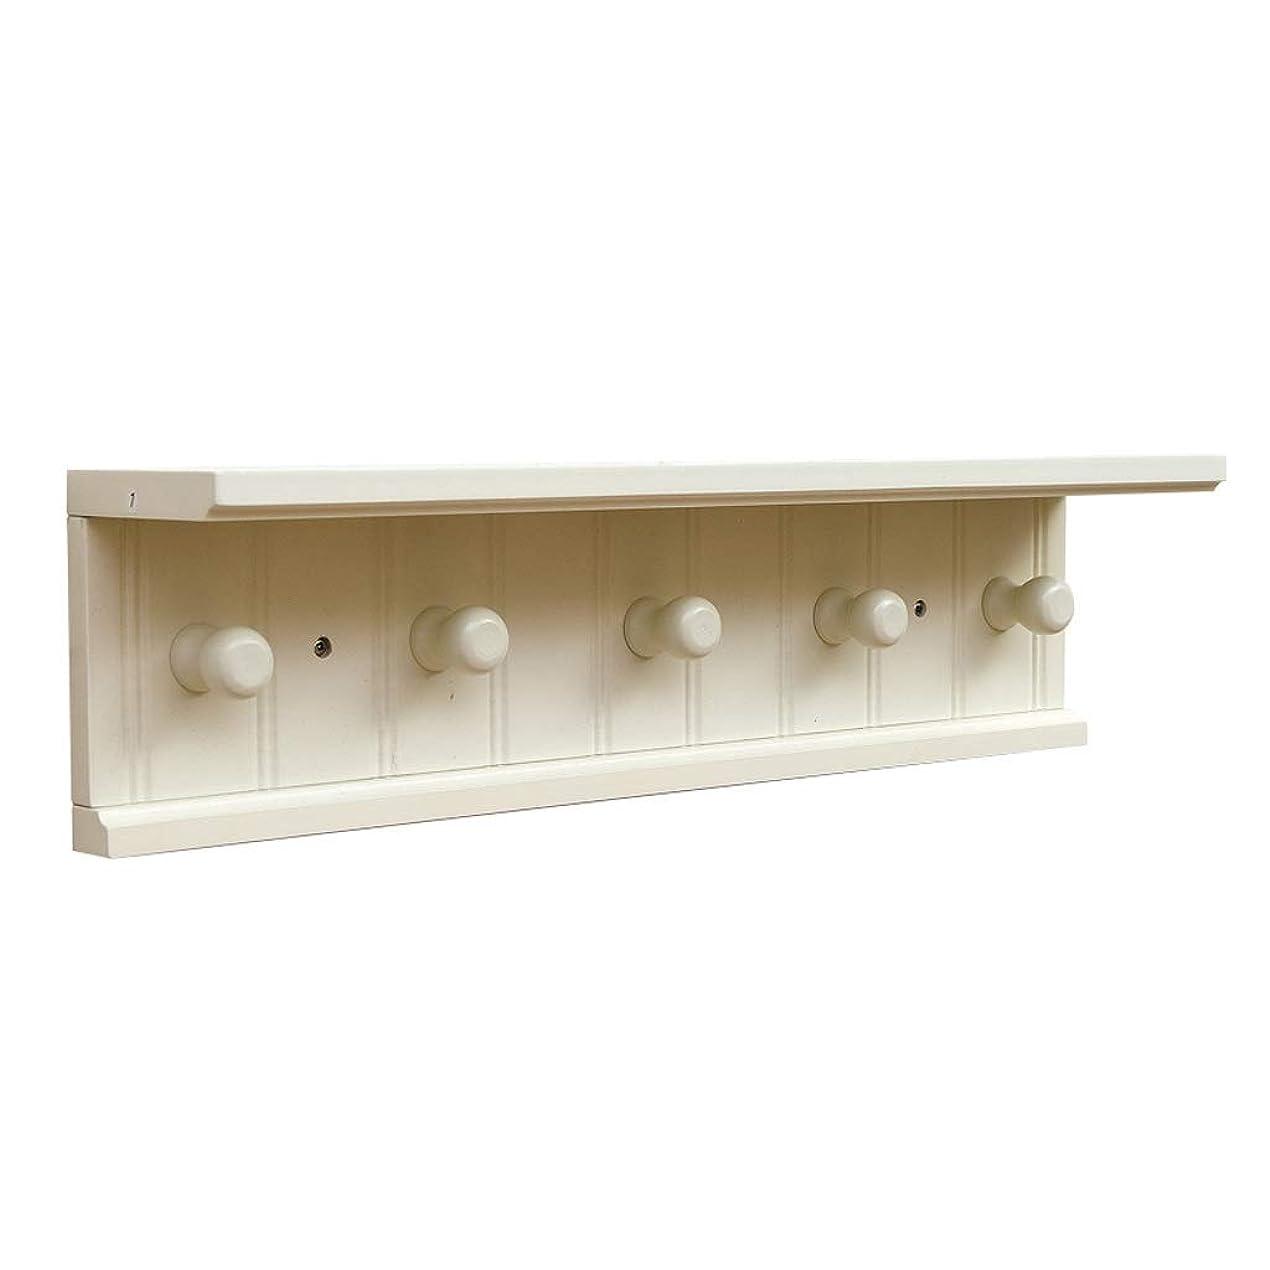 芽アルカイック適用するコートラック壁ハットラック (Size : L58*W11.5*H15.5cm)